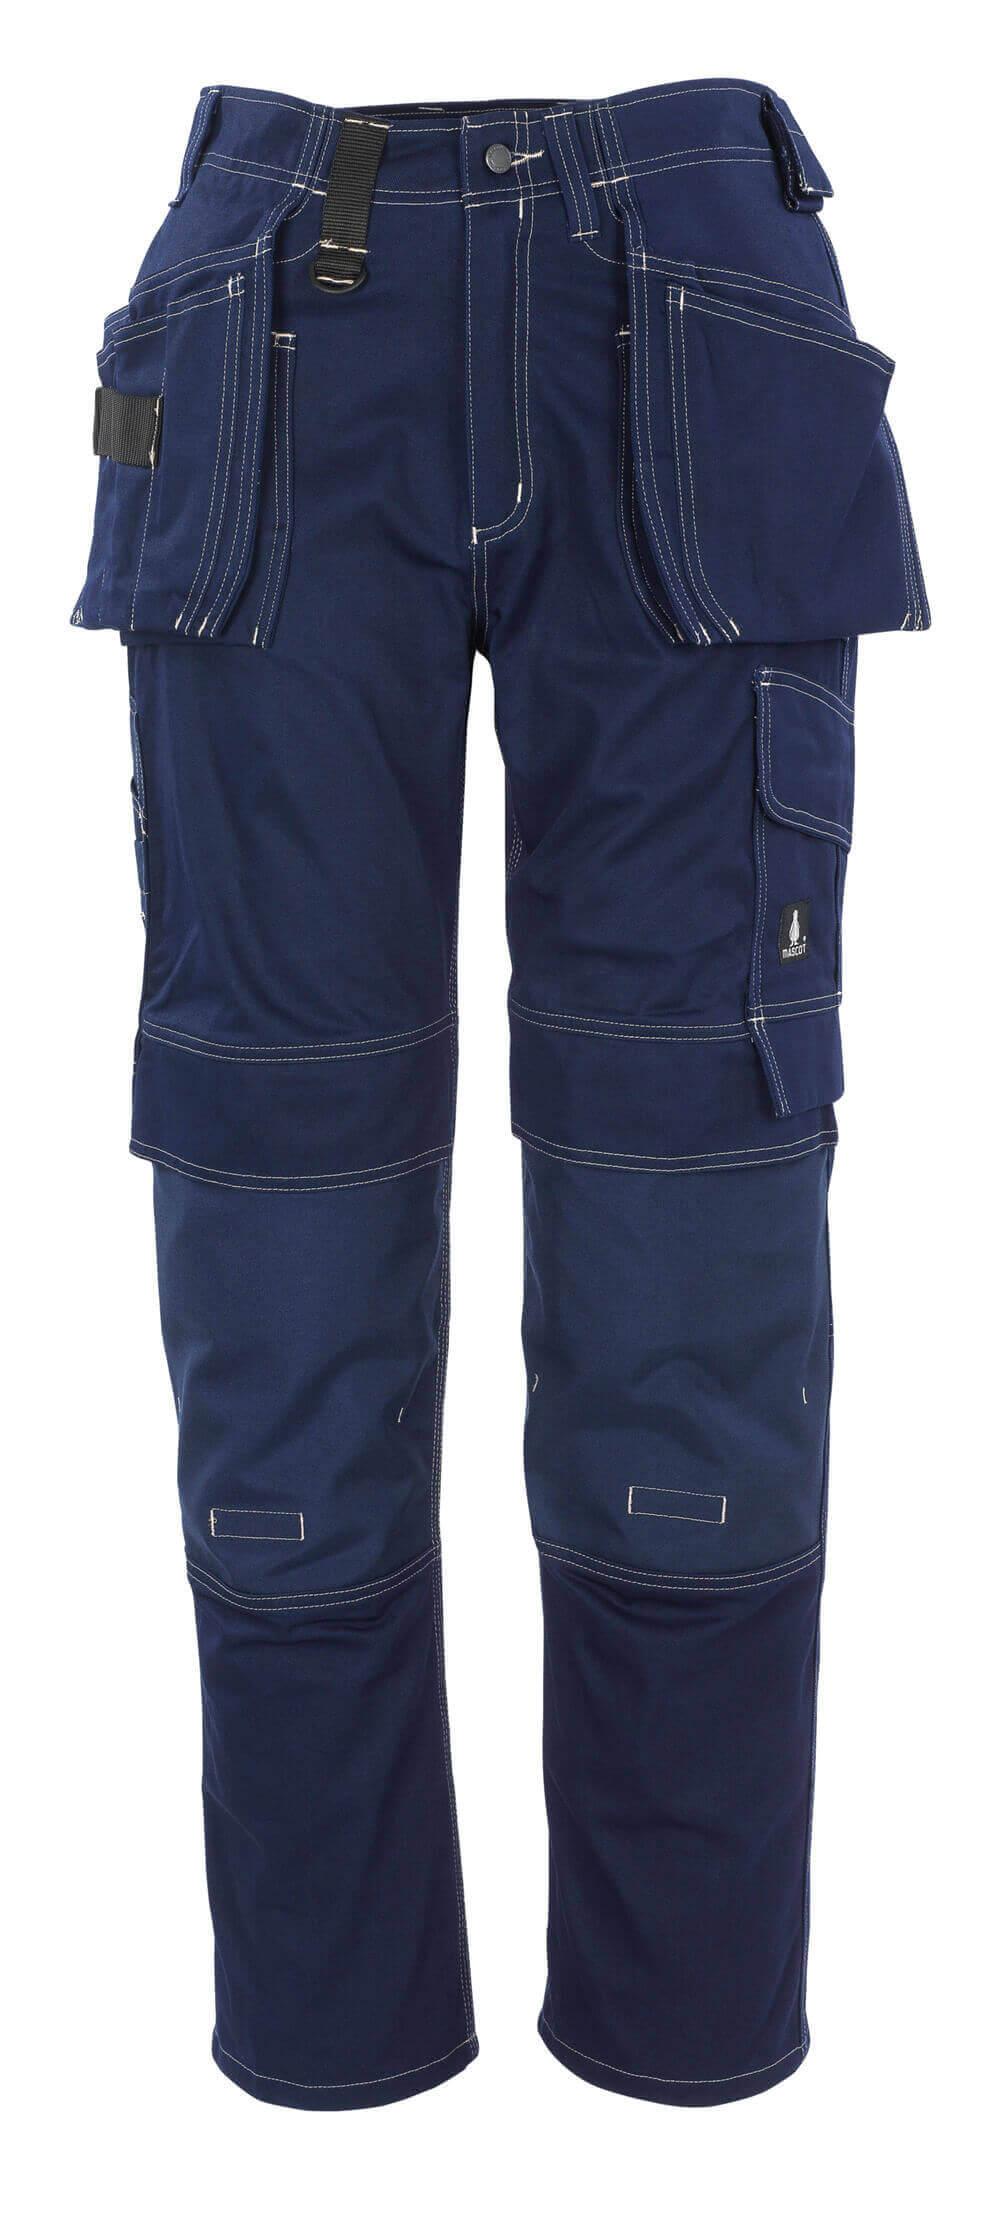 06131-630-01 Bukser med hængelommer - marine